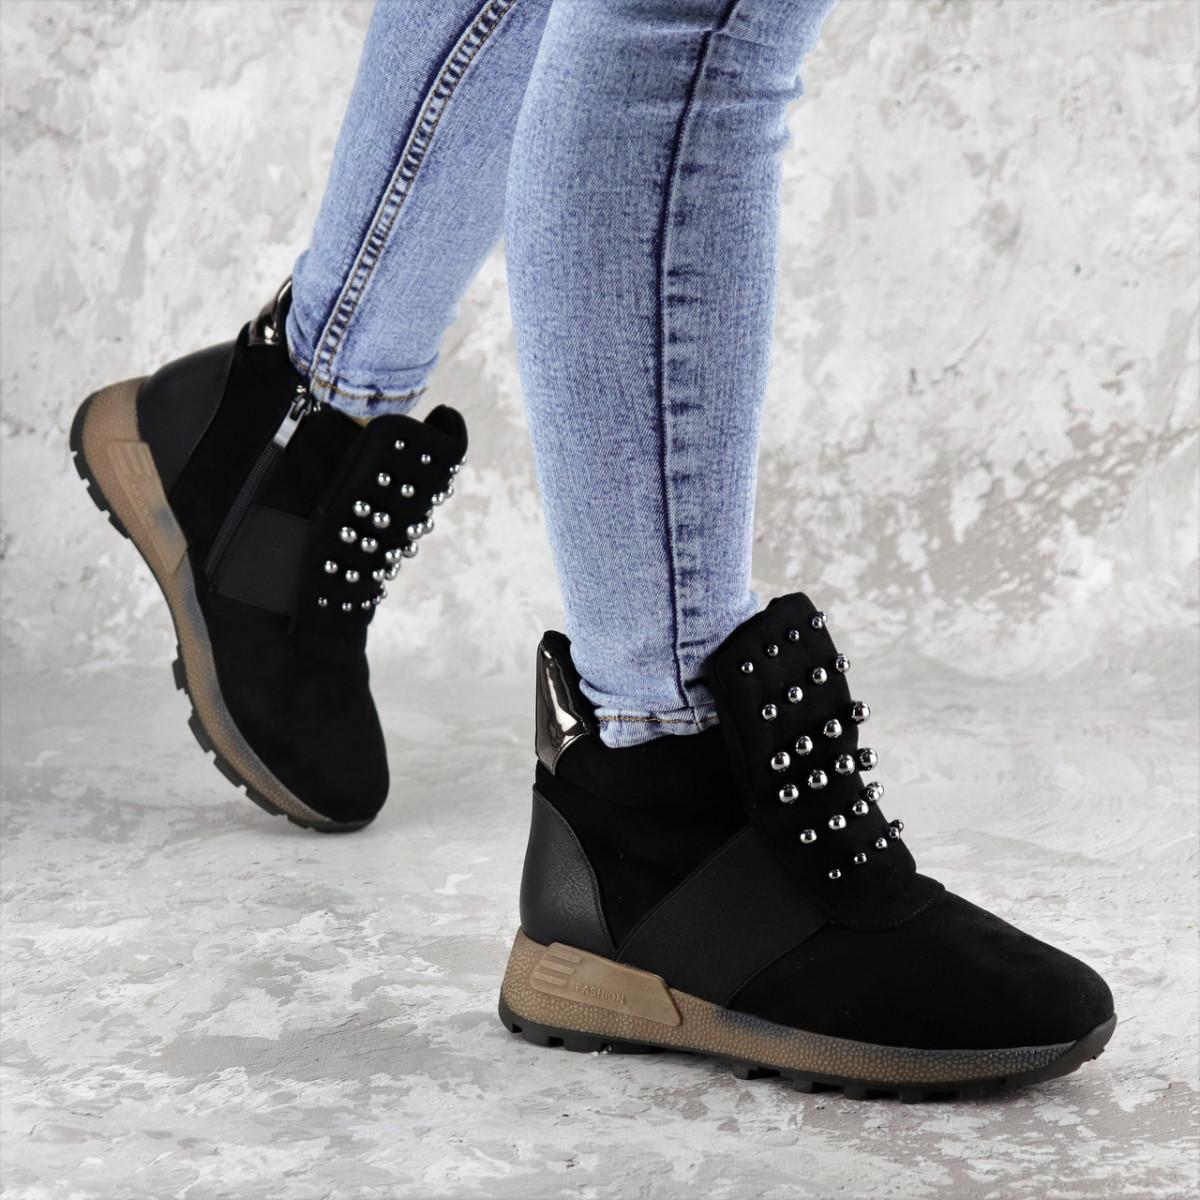 Ботинки женские зимние черные Haddie 2283 (36 размер)